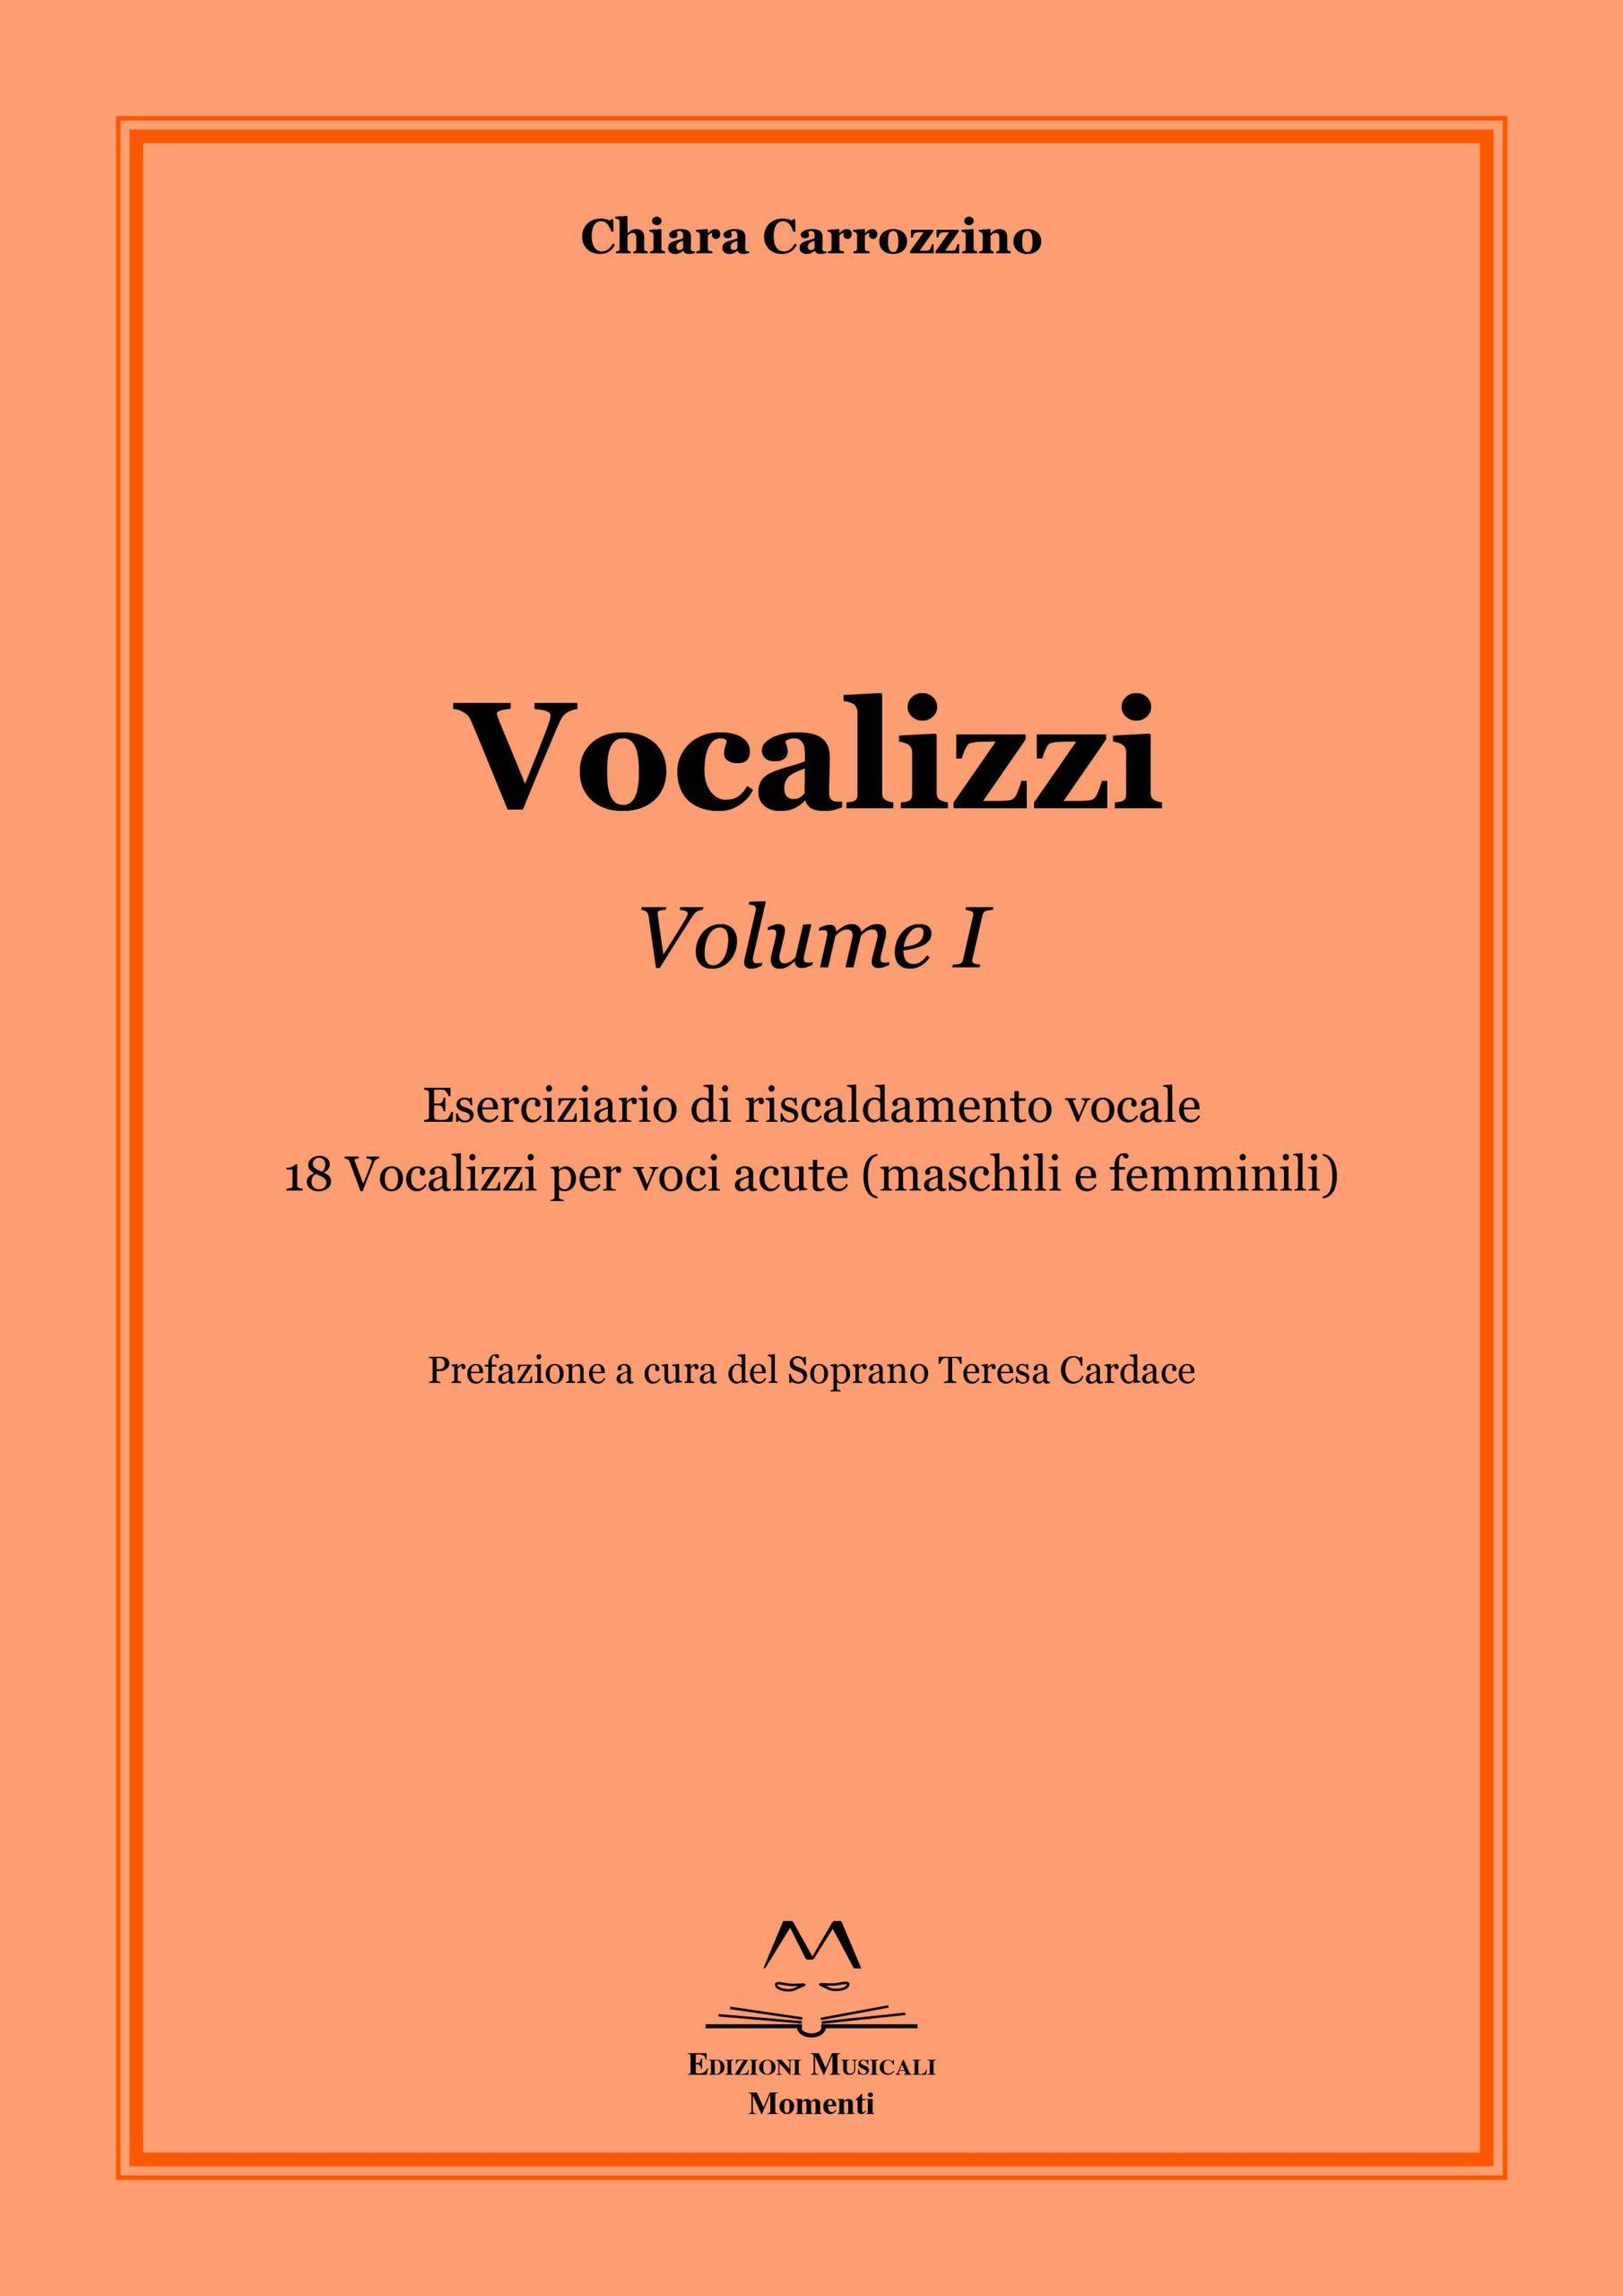 Vocalizzi Vol. I di Chiara Carrozzino